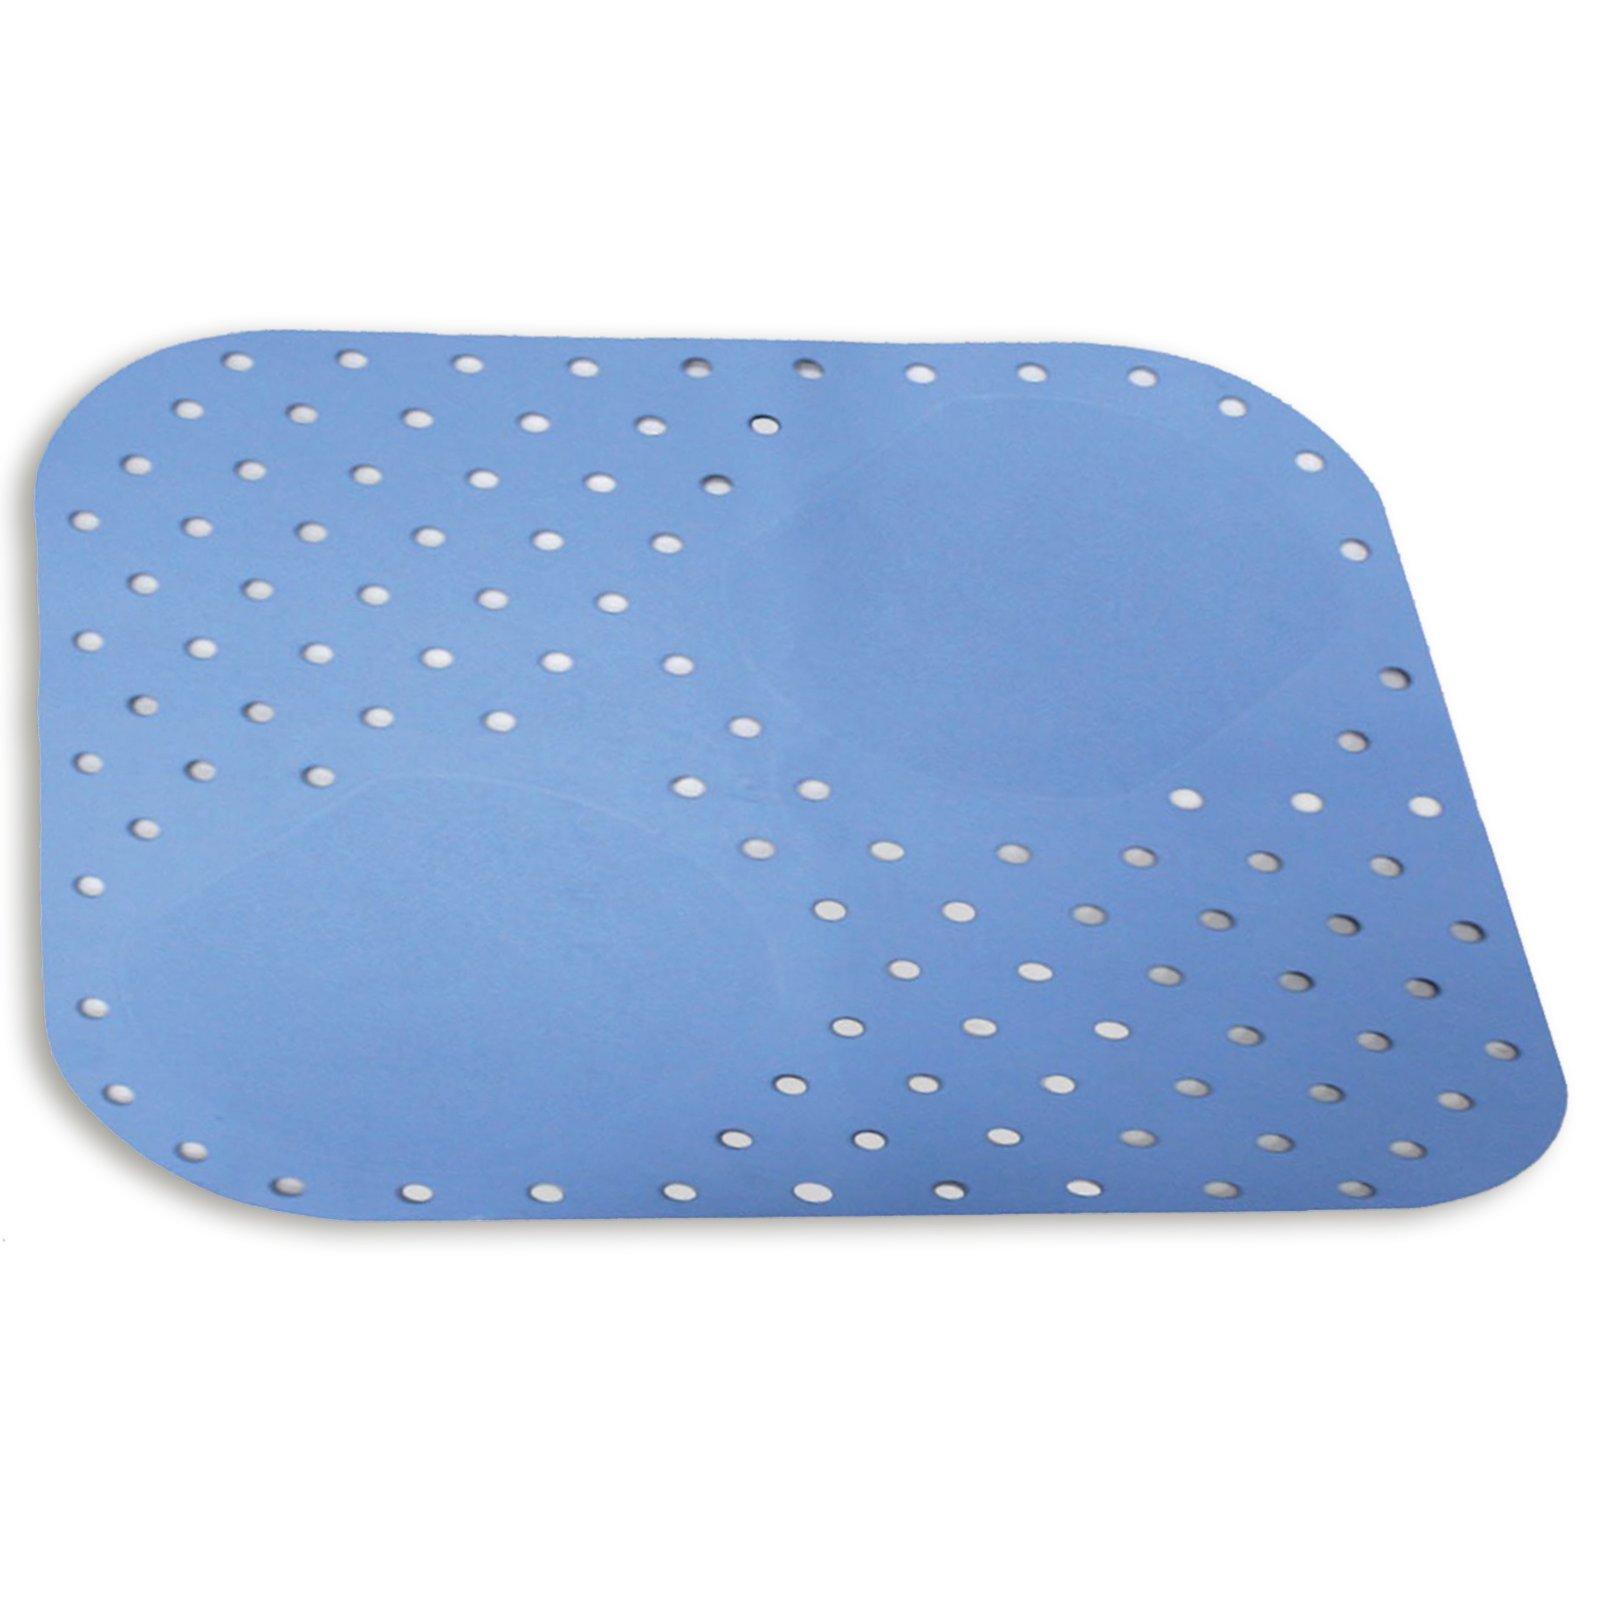 dusch antirutschmatte hellblau 54x54 cm anti rutsch bad accessoires badezimmer. Black Bedroom Furniture Sets. Home Design Ideas